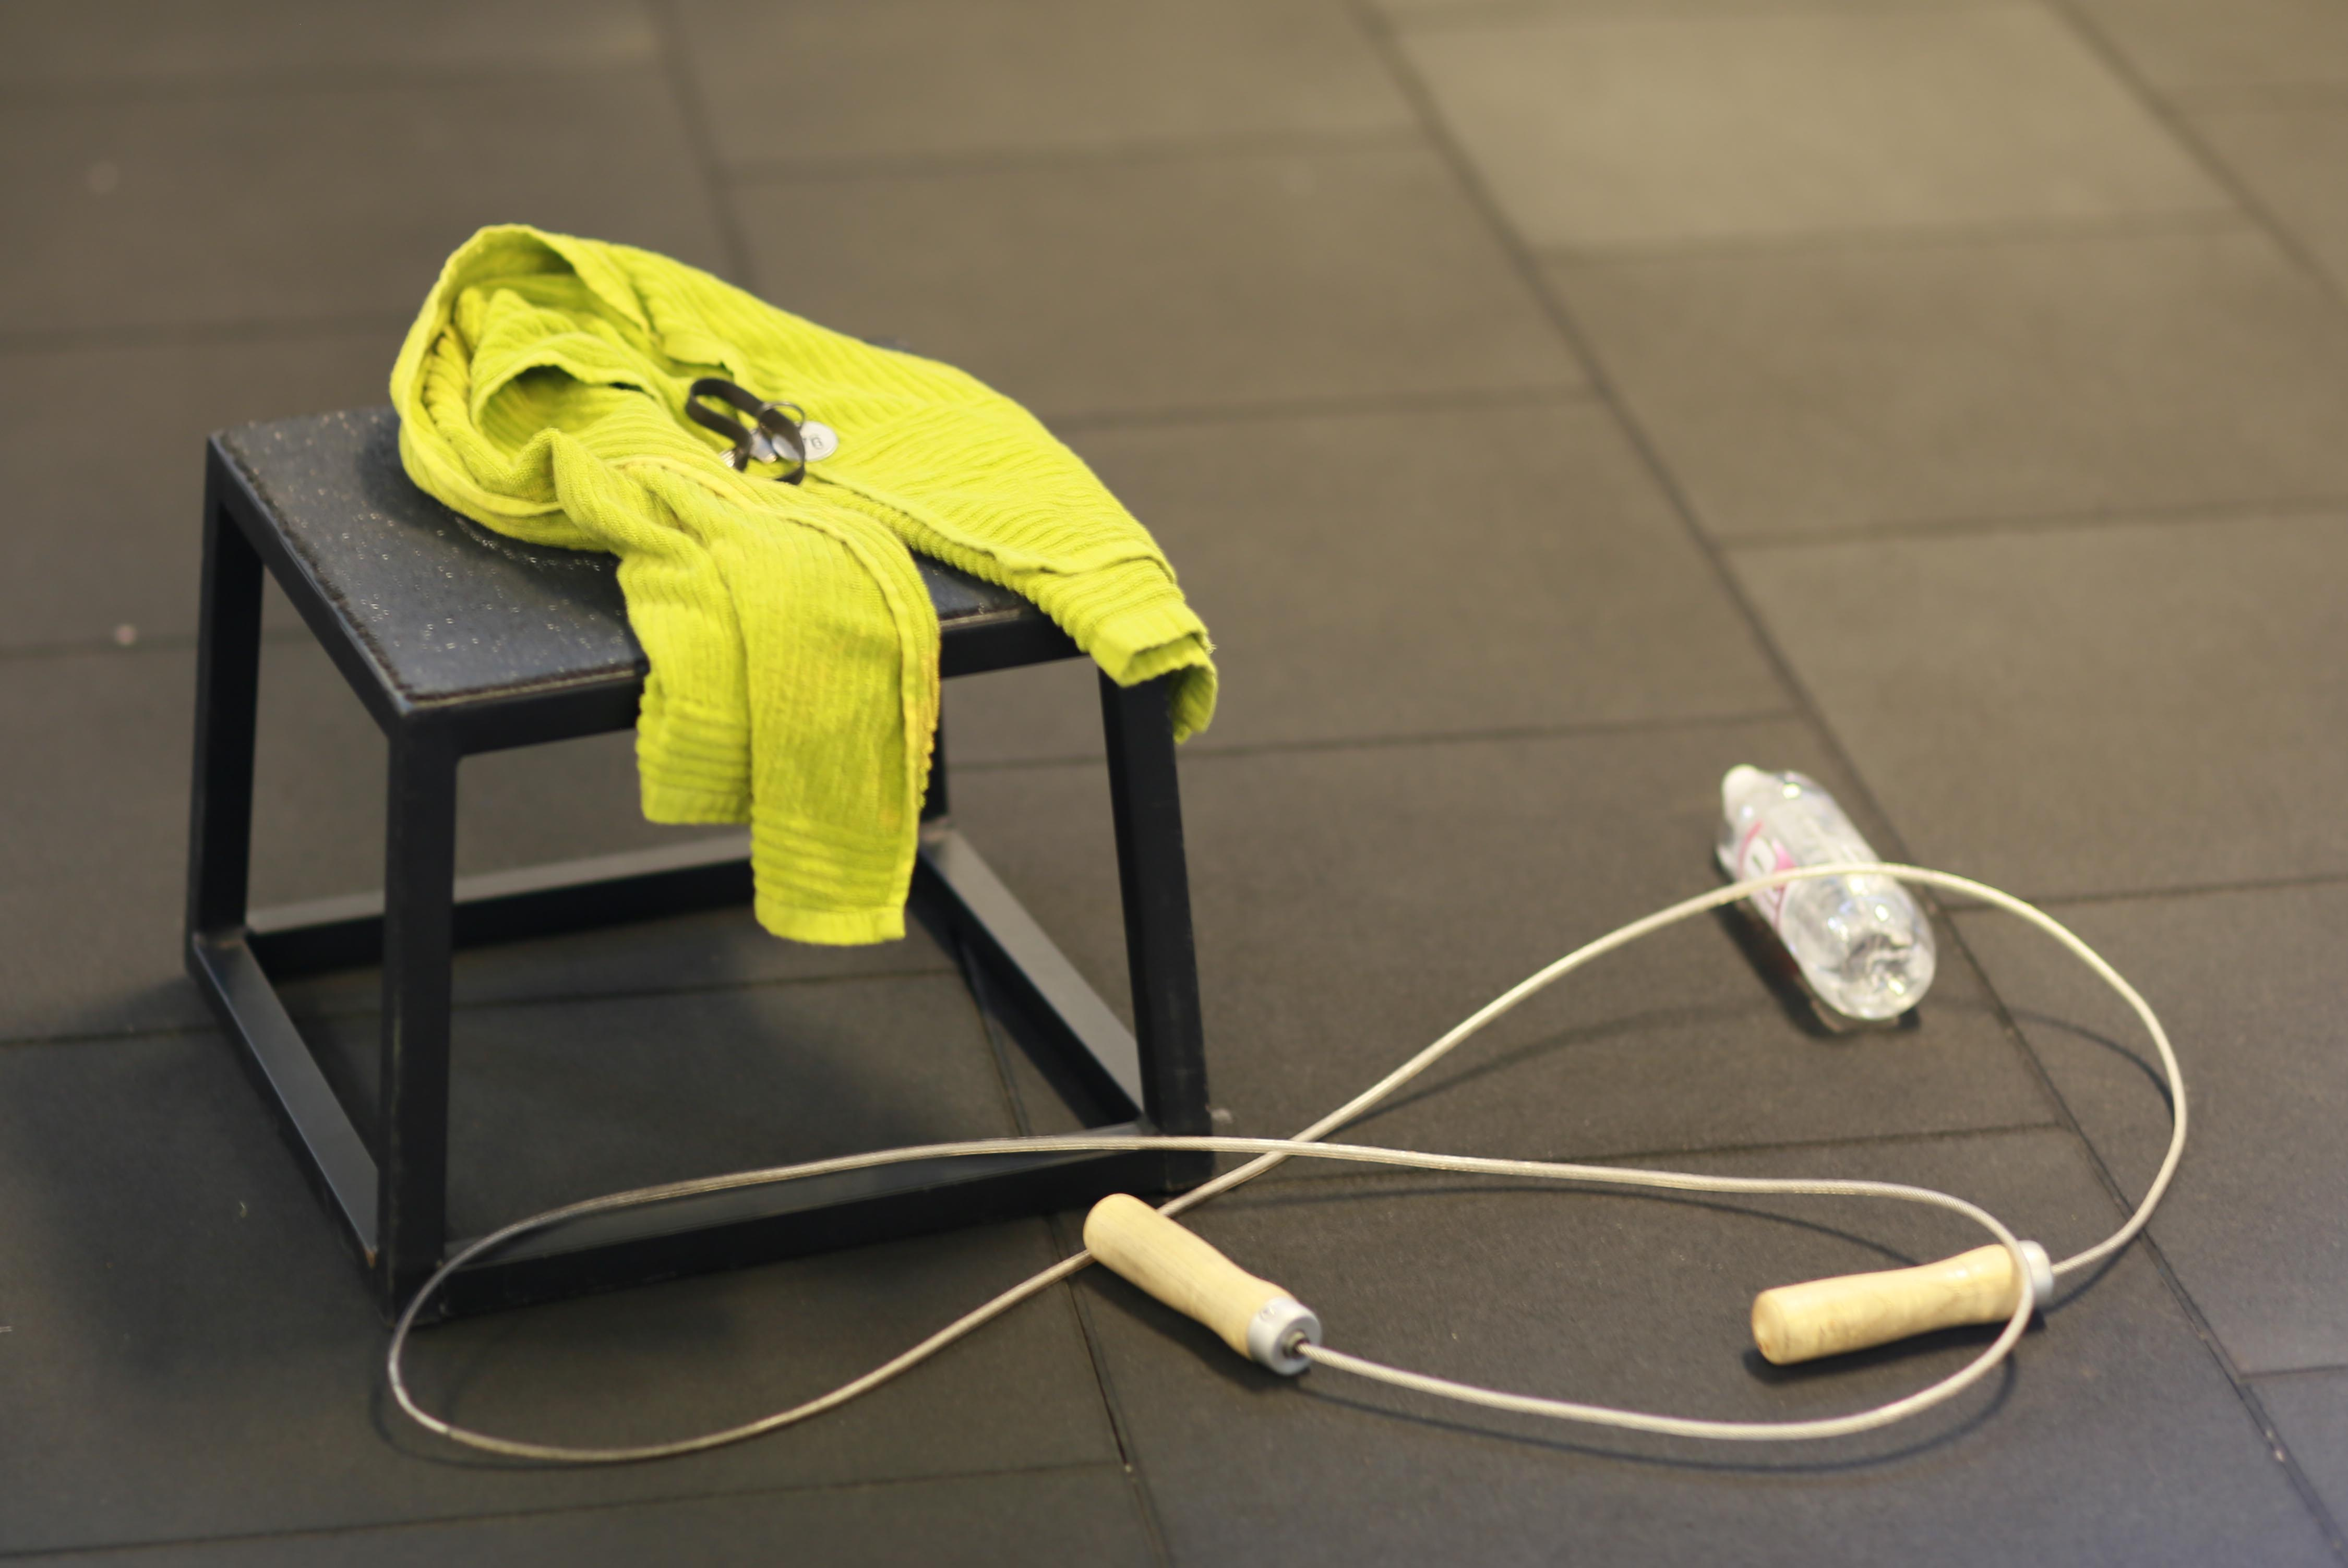 fitness_sjippetov_sjipning_foto_Henrik_Elstrup